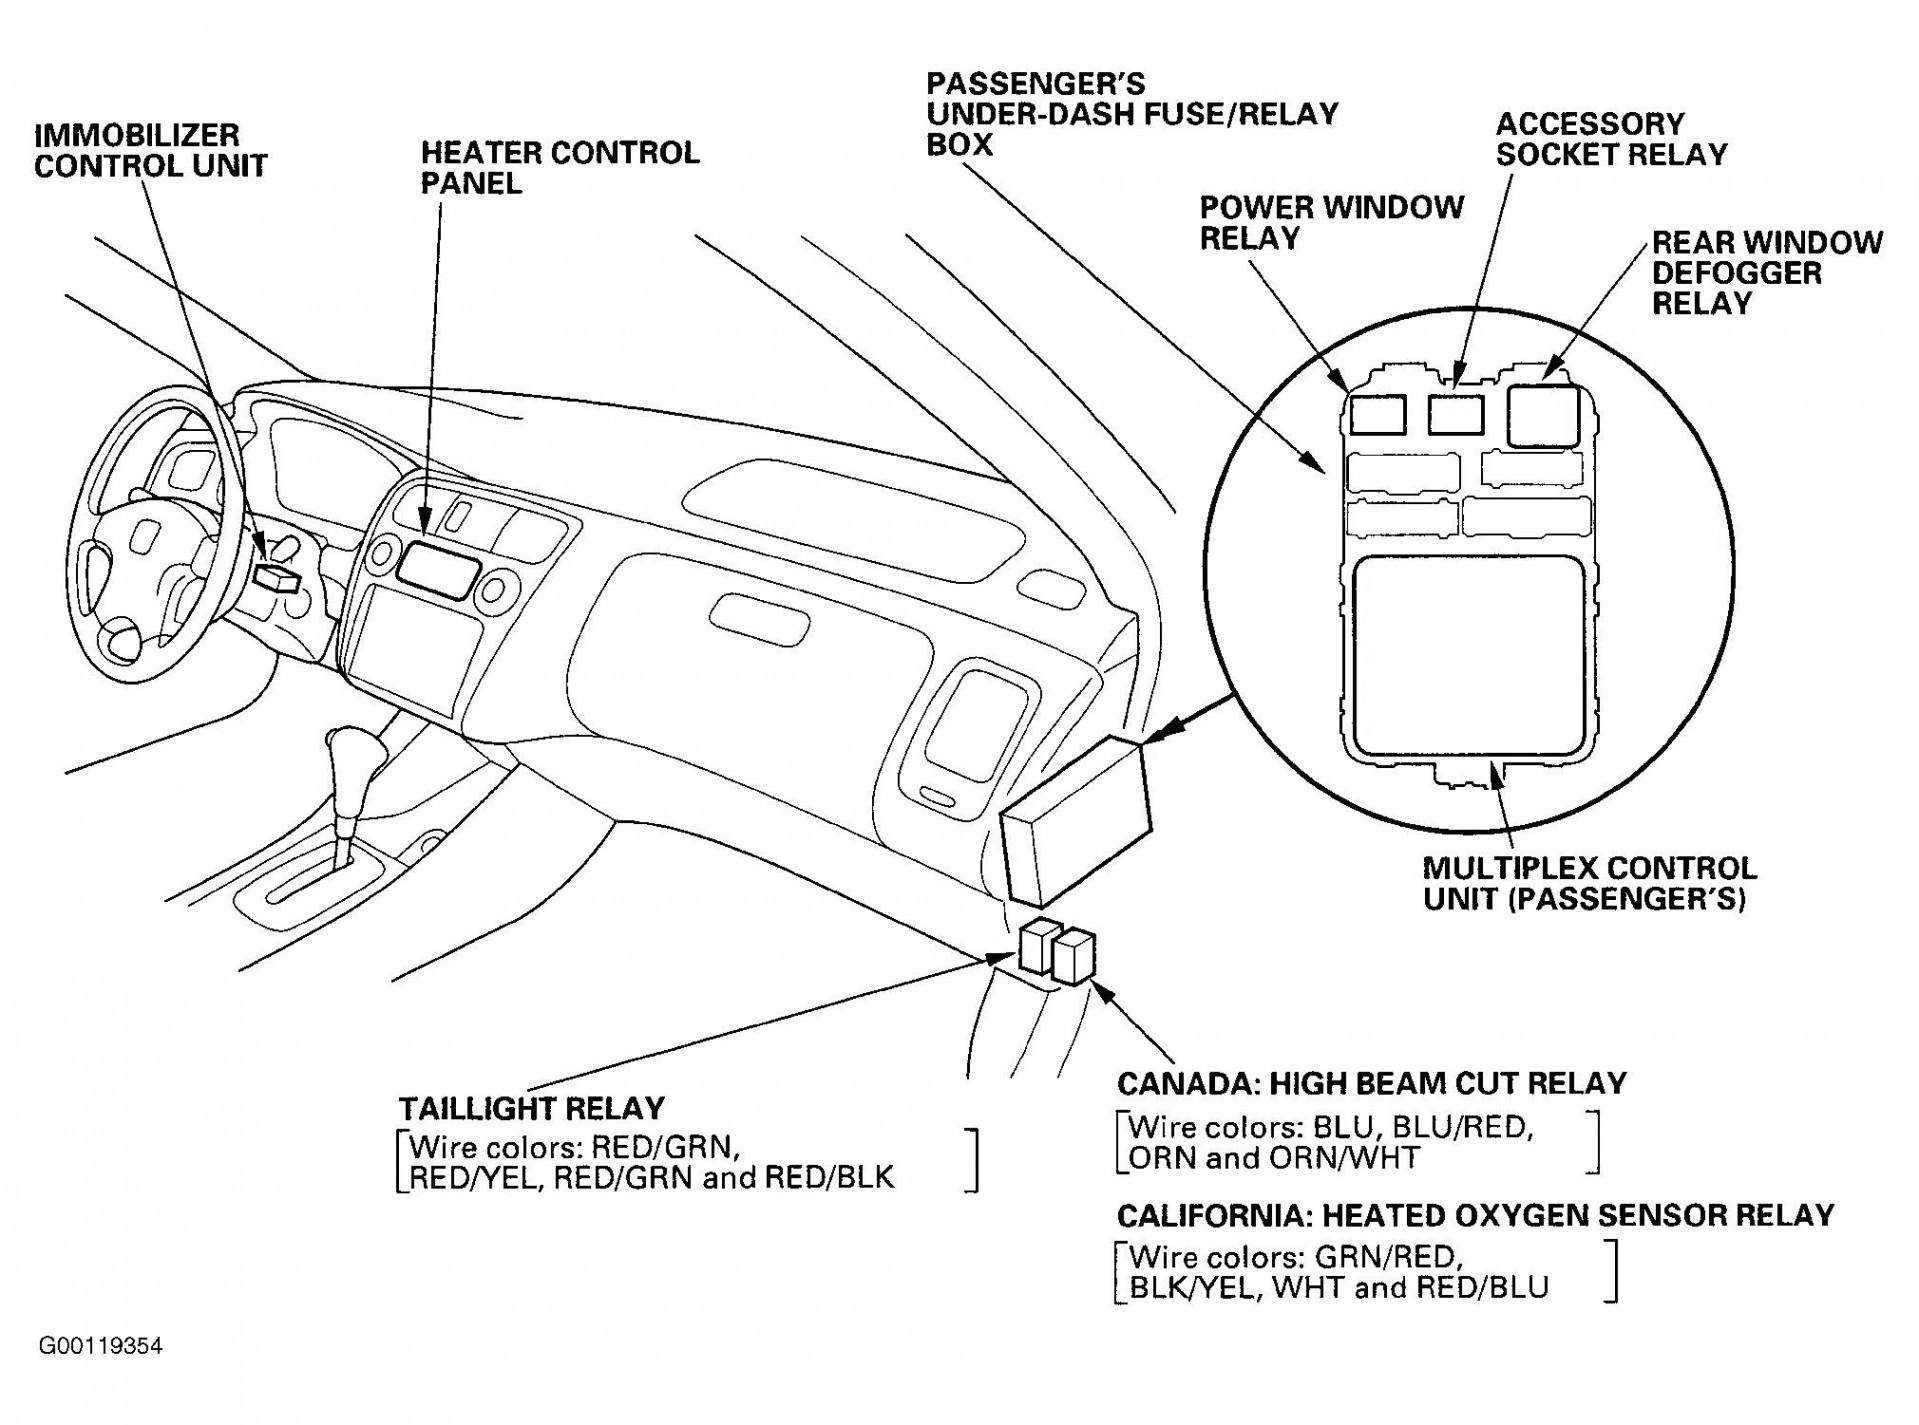 ford 2 0 engine diagram wiring diagram rh a45 geniessertrip de 2002 ford focus 2.0 engine diagram 2002 ford focus zetec engine diagram